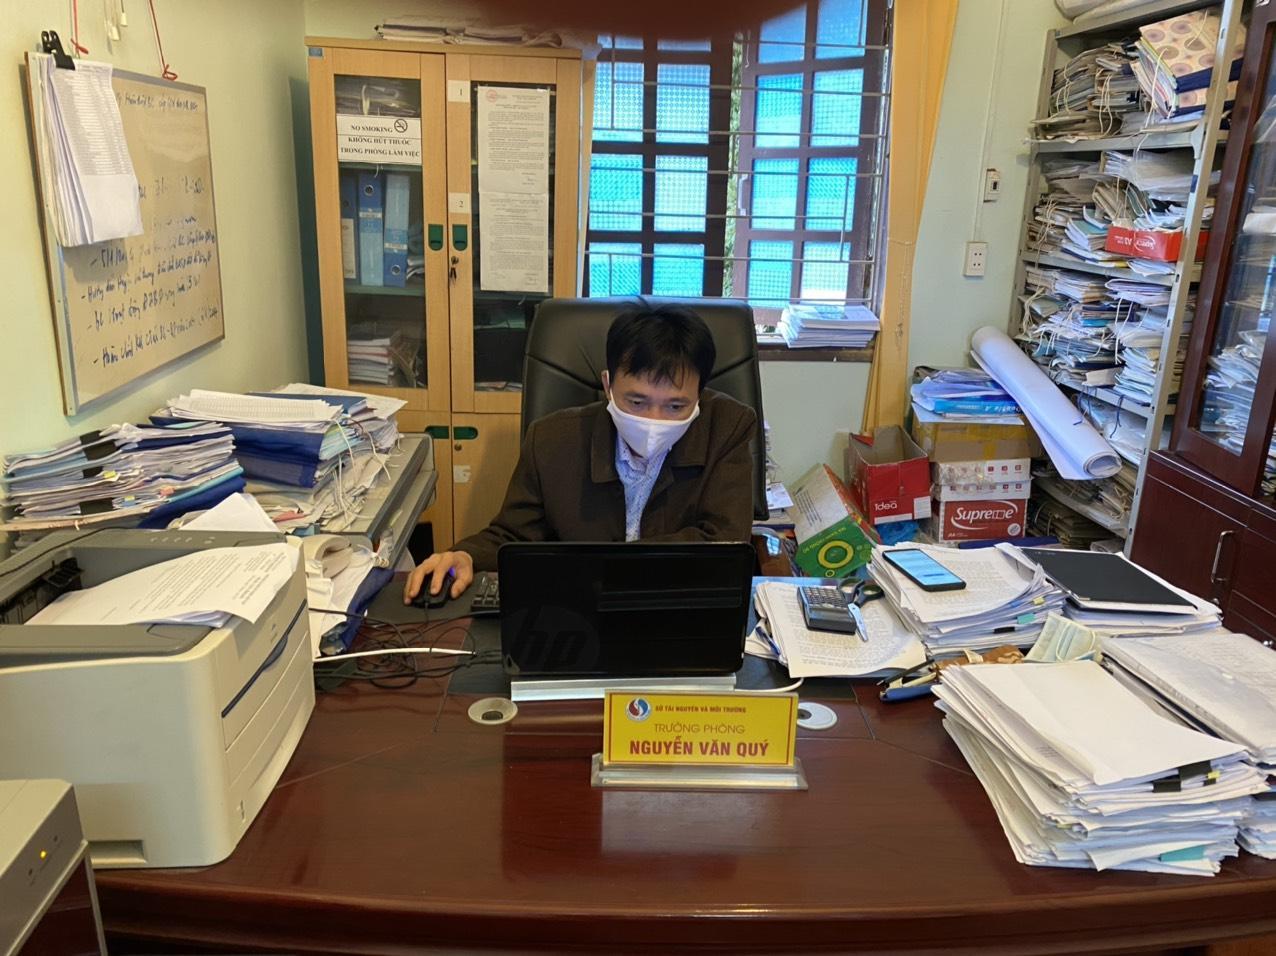 D:\Văn phòng\Tổng hợp bài viết 2019\2020\4f25f8416ff294accde3.jpg